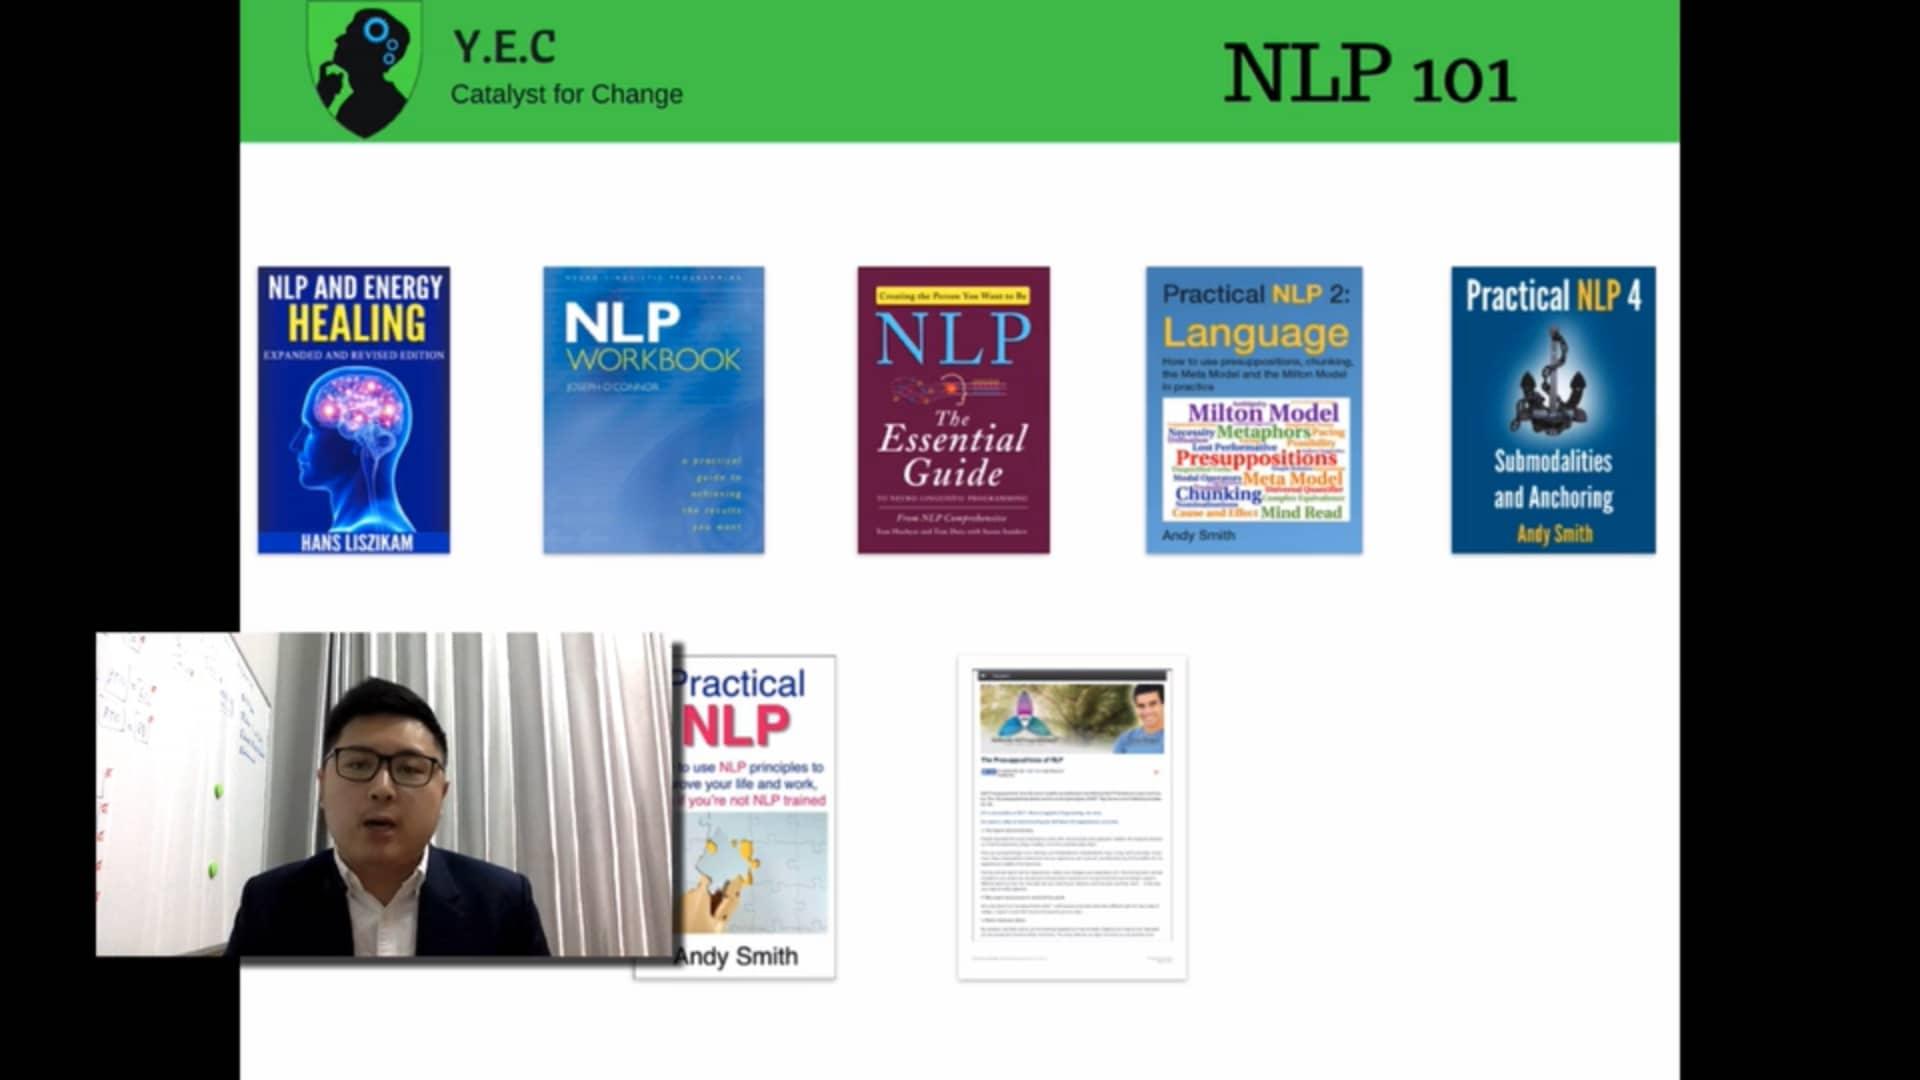 NLP 9 - 4 Pillors